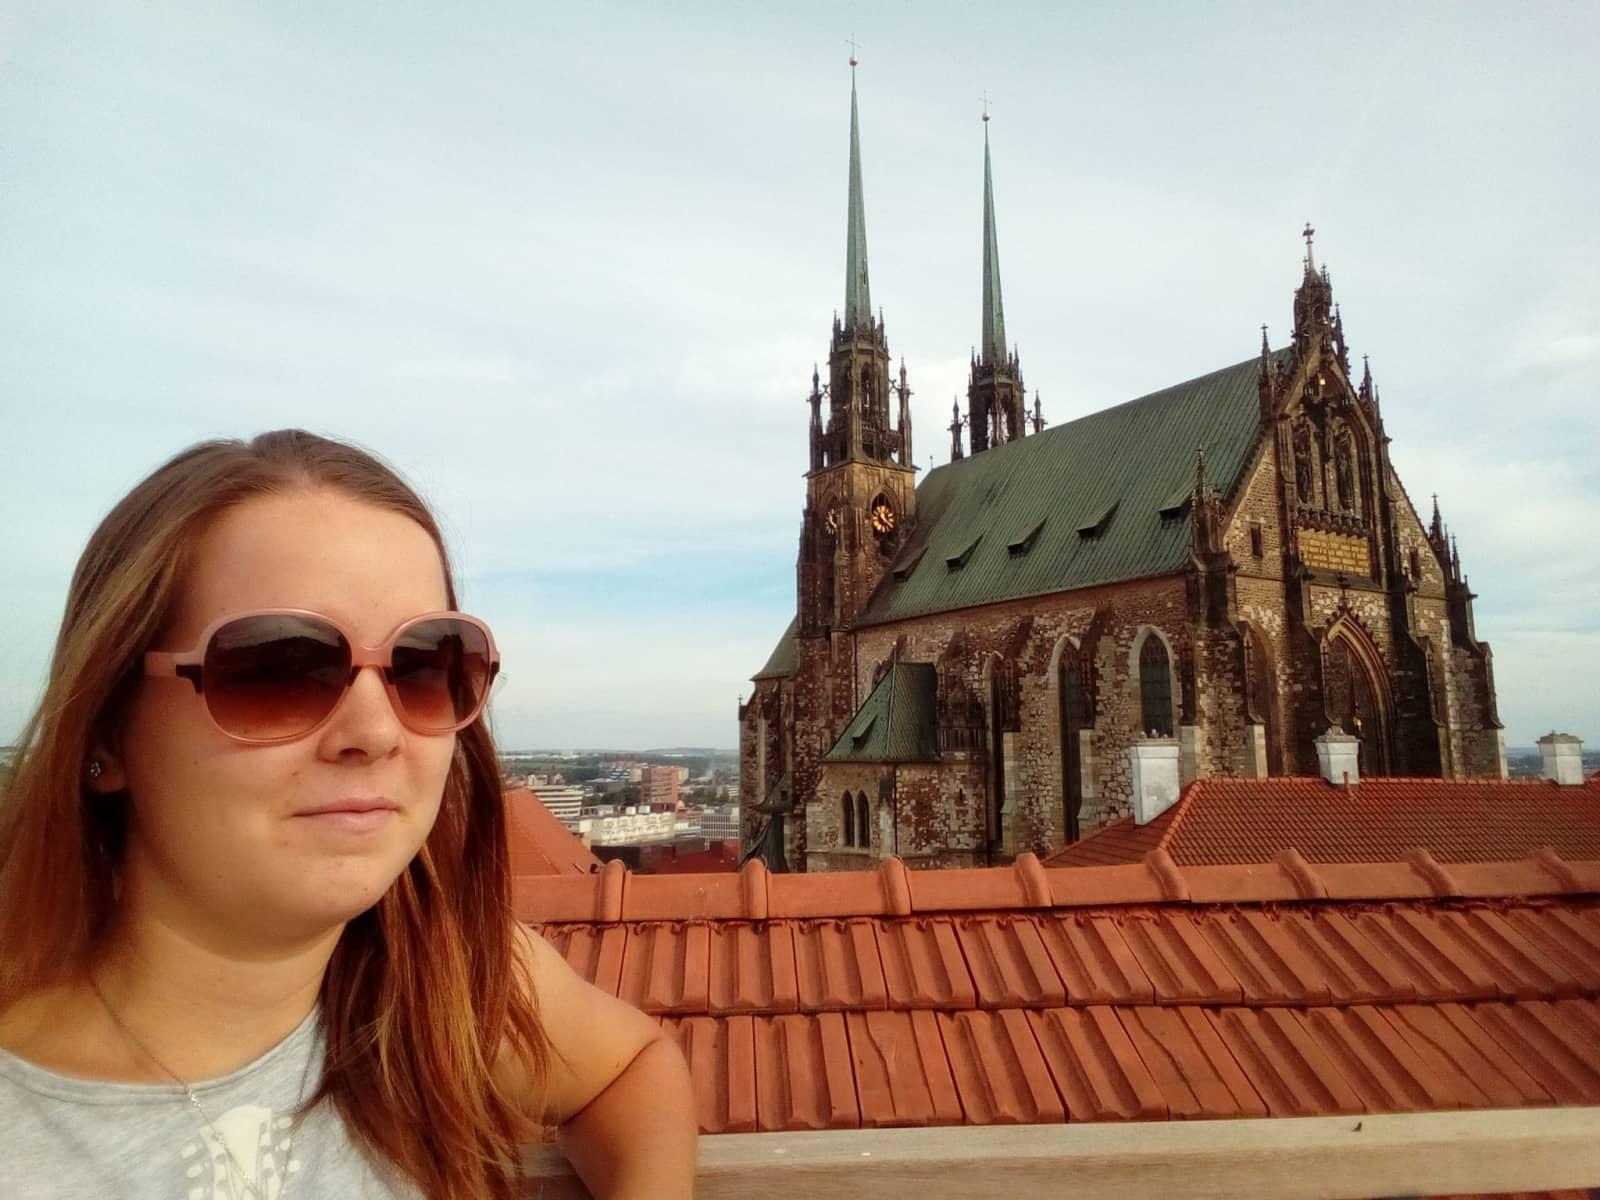 Zuzana from Brno, Czech Republic